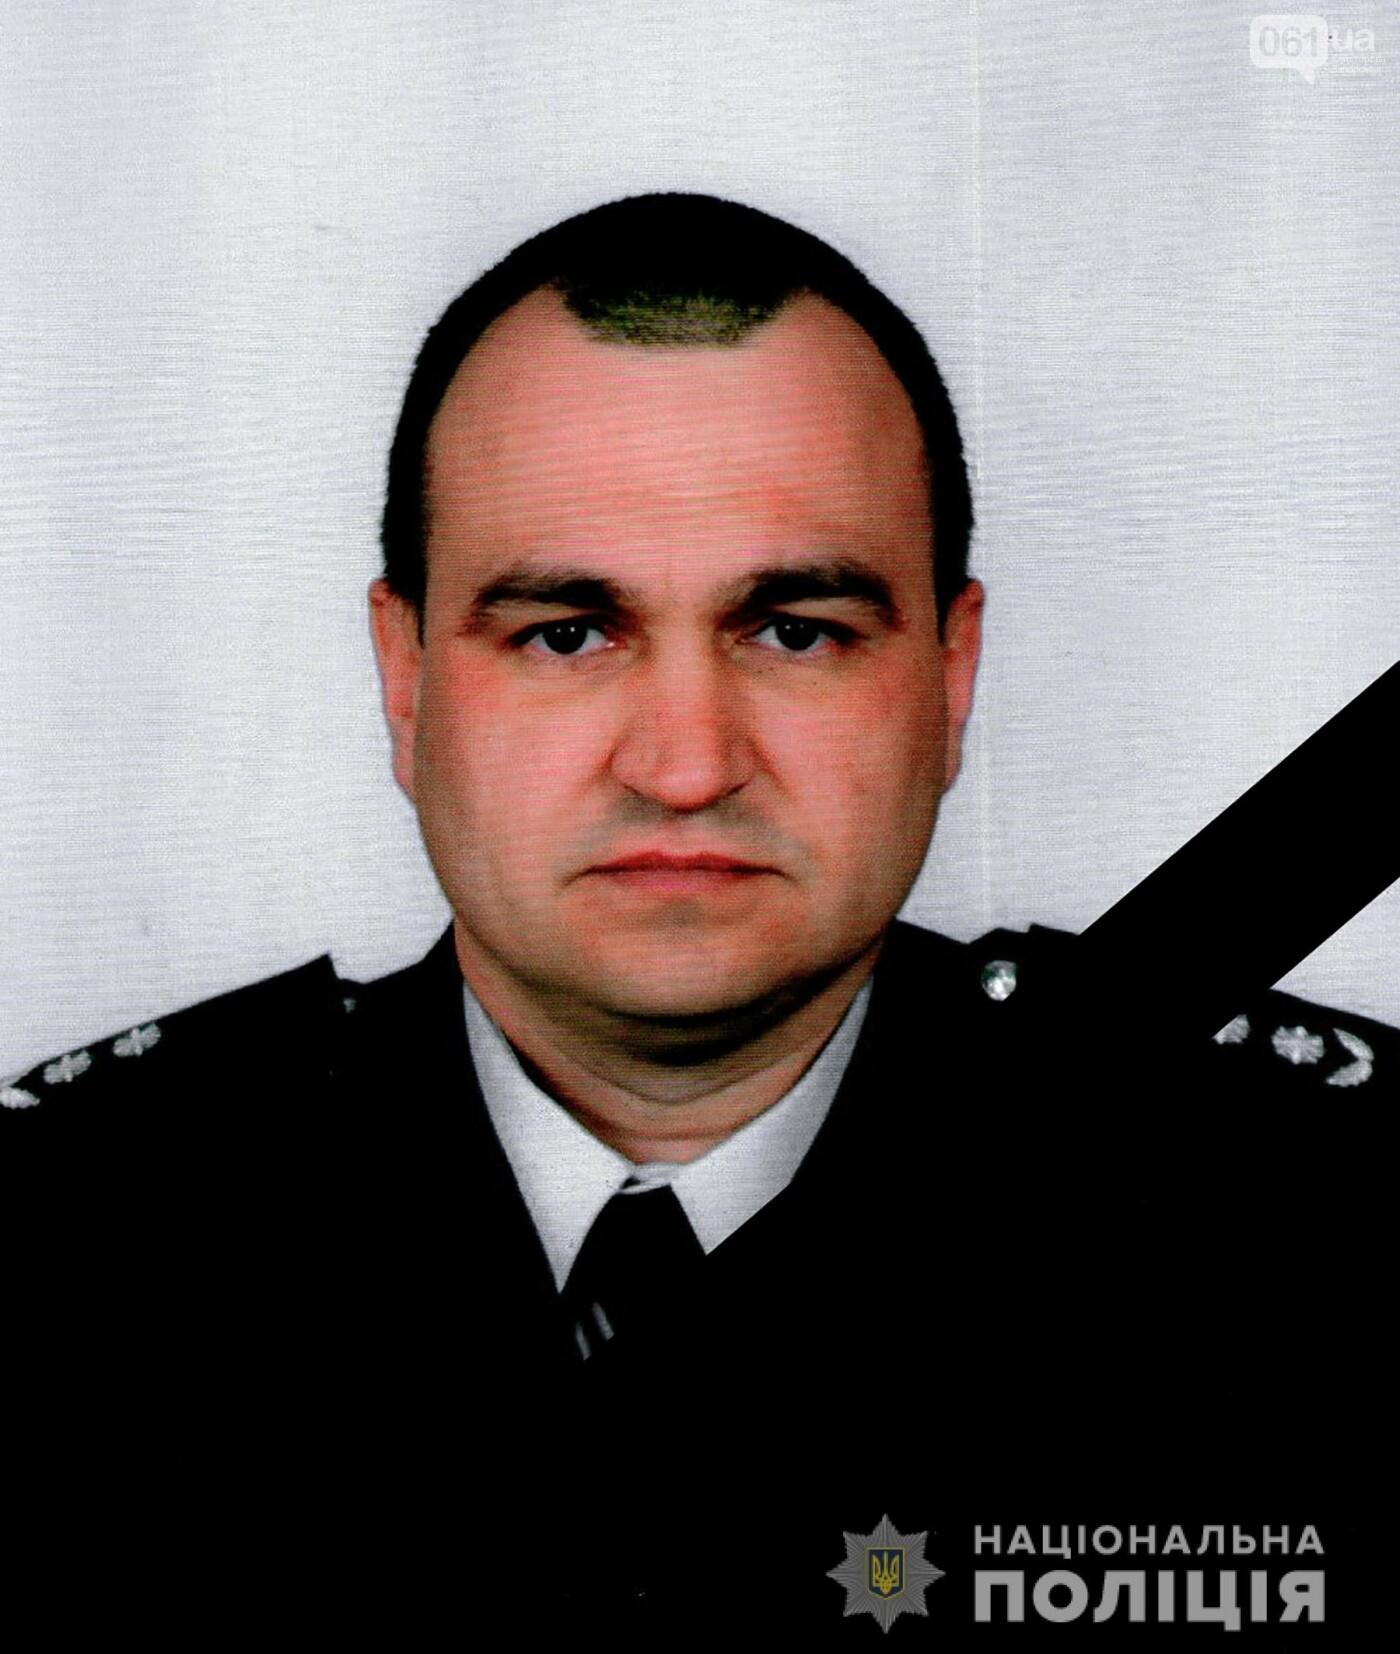 В Запорожской области от осложнений COVID-19 скончался подполковник полиции, фото-1